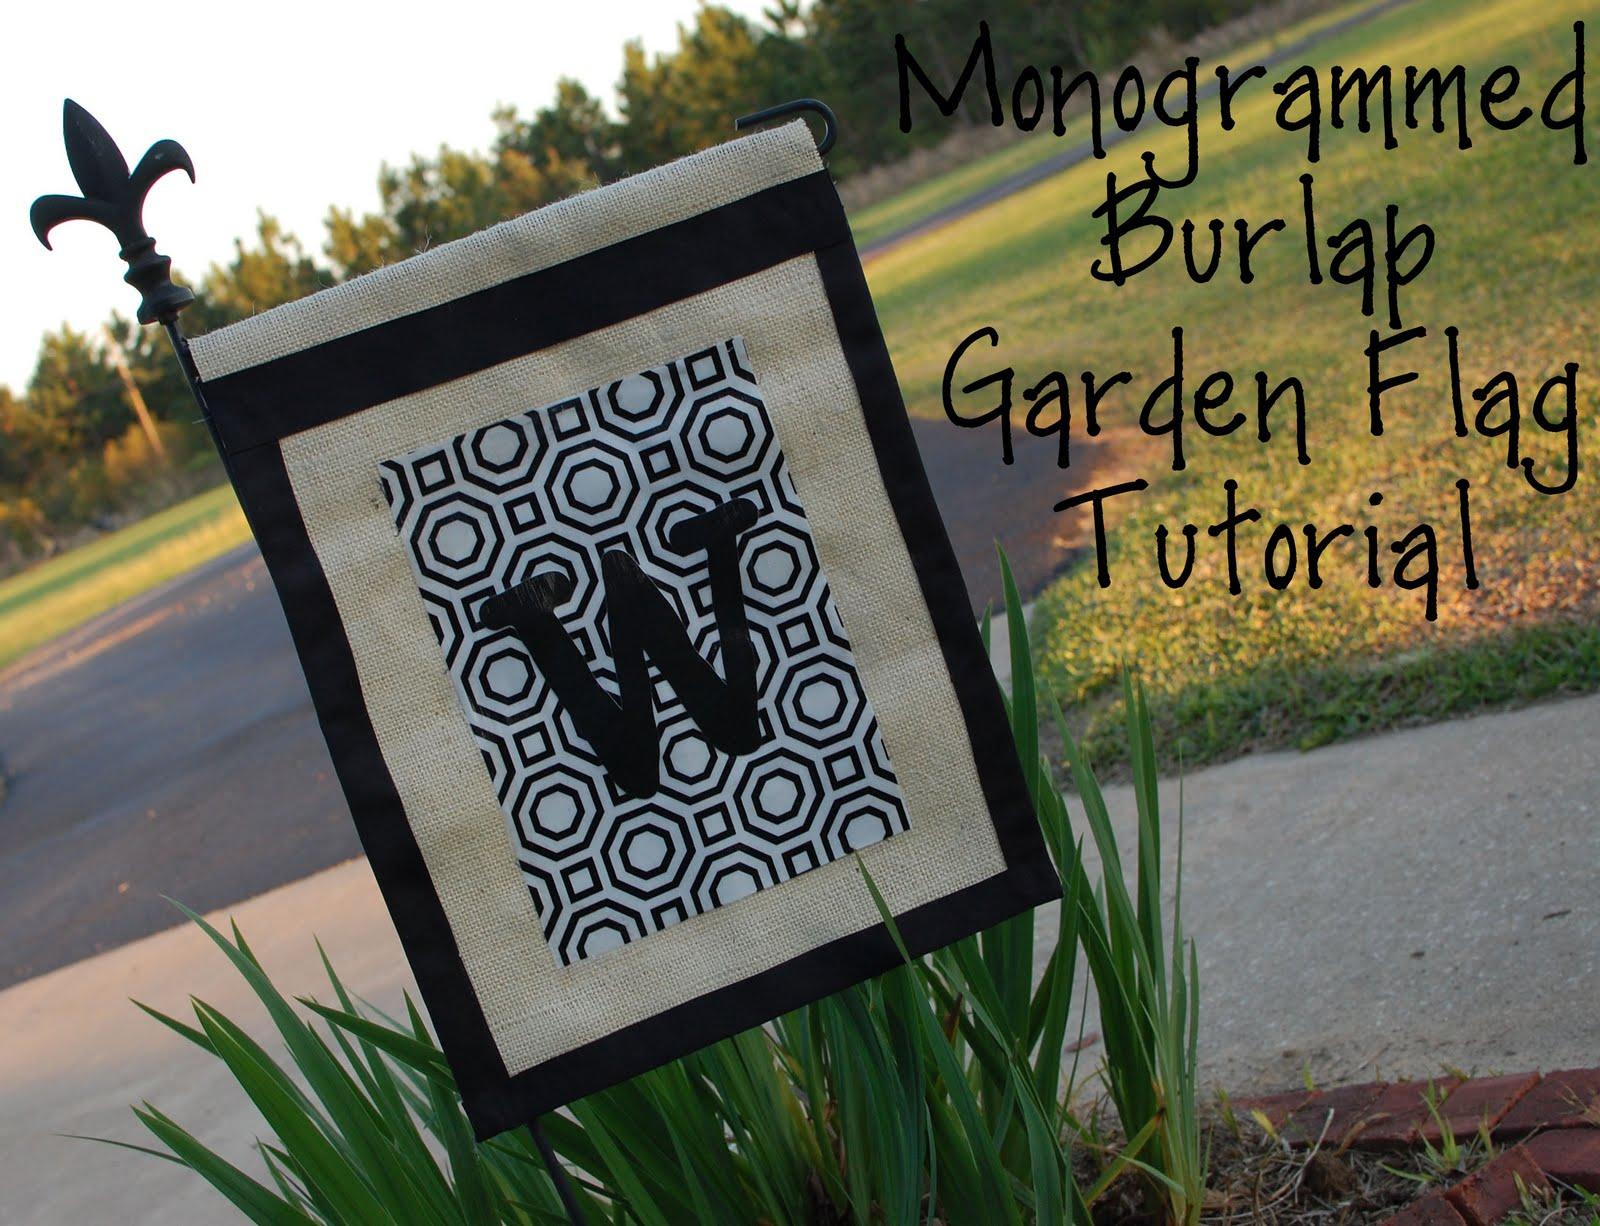 Marvelous Monogrammed Burlap Garden Flag Tutorial